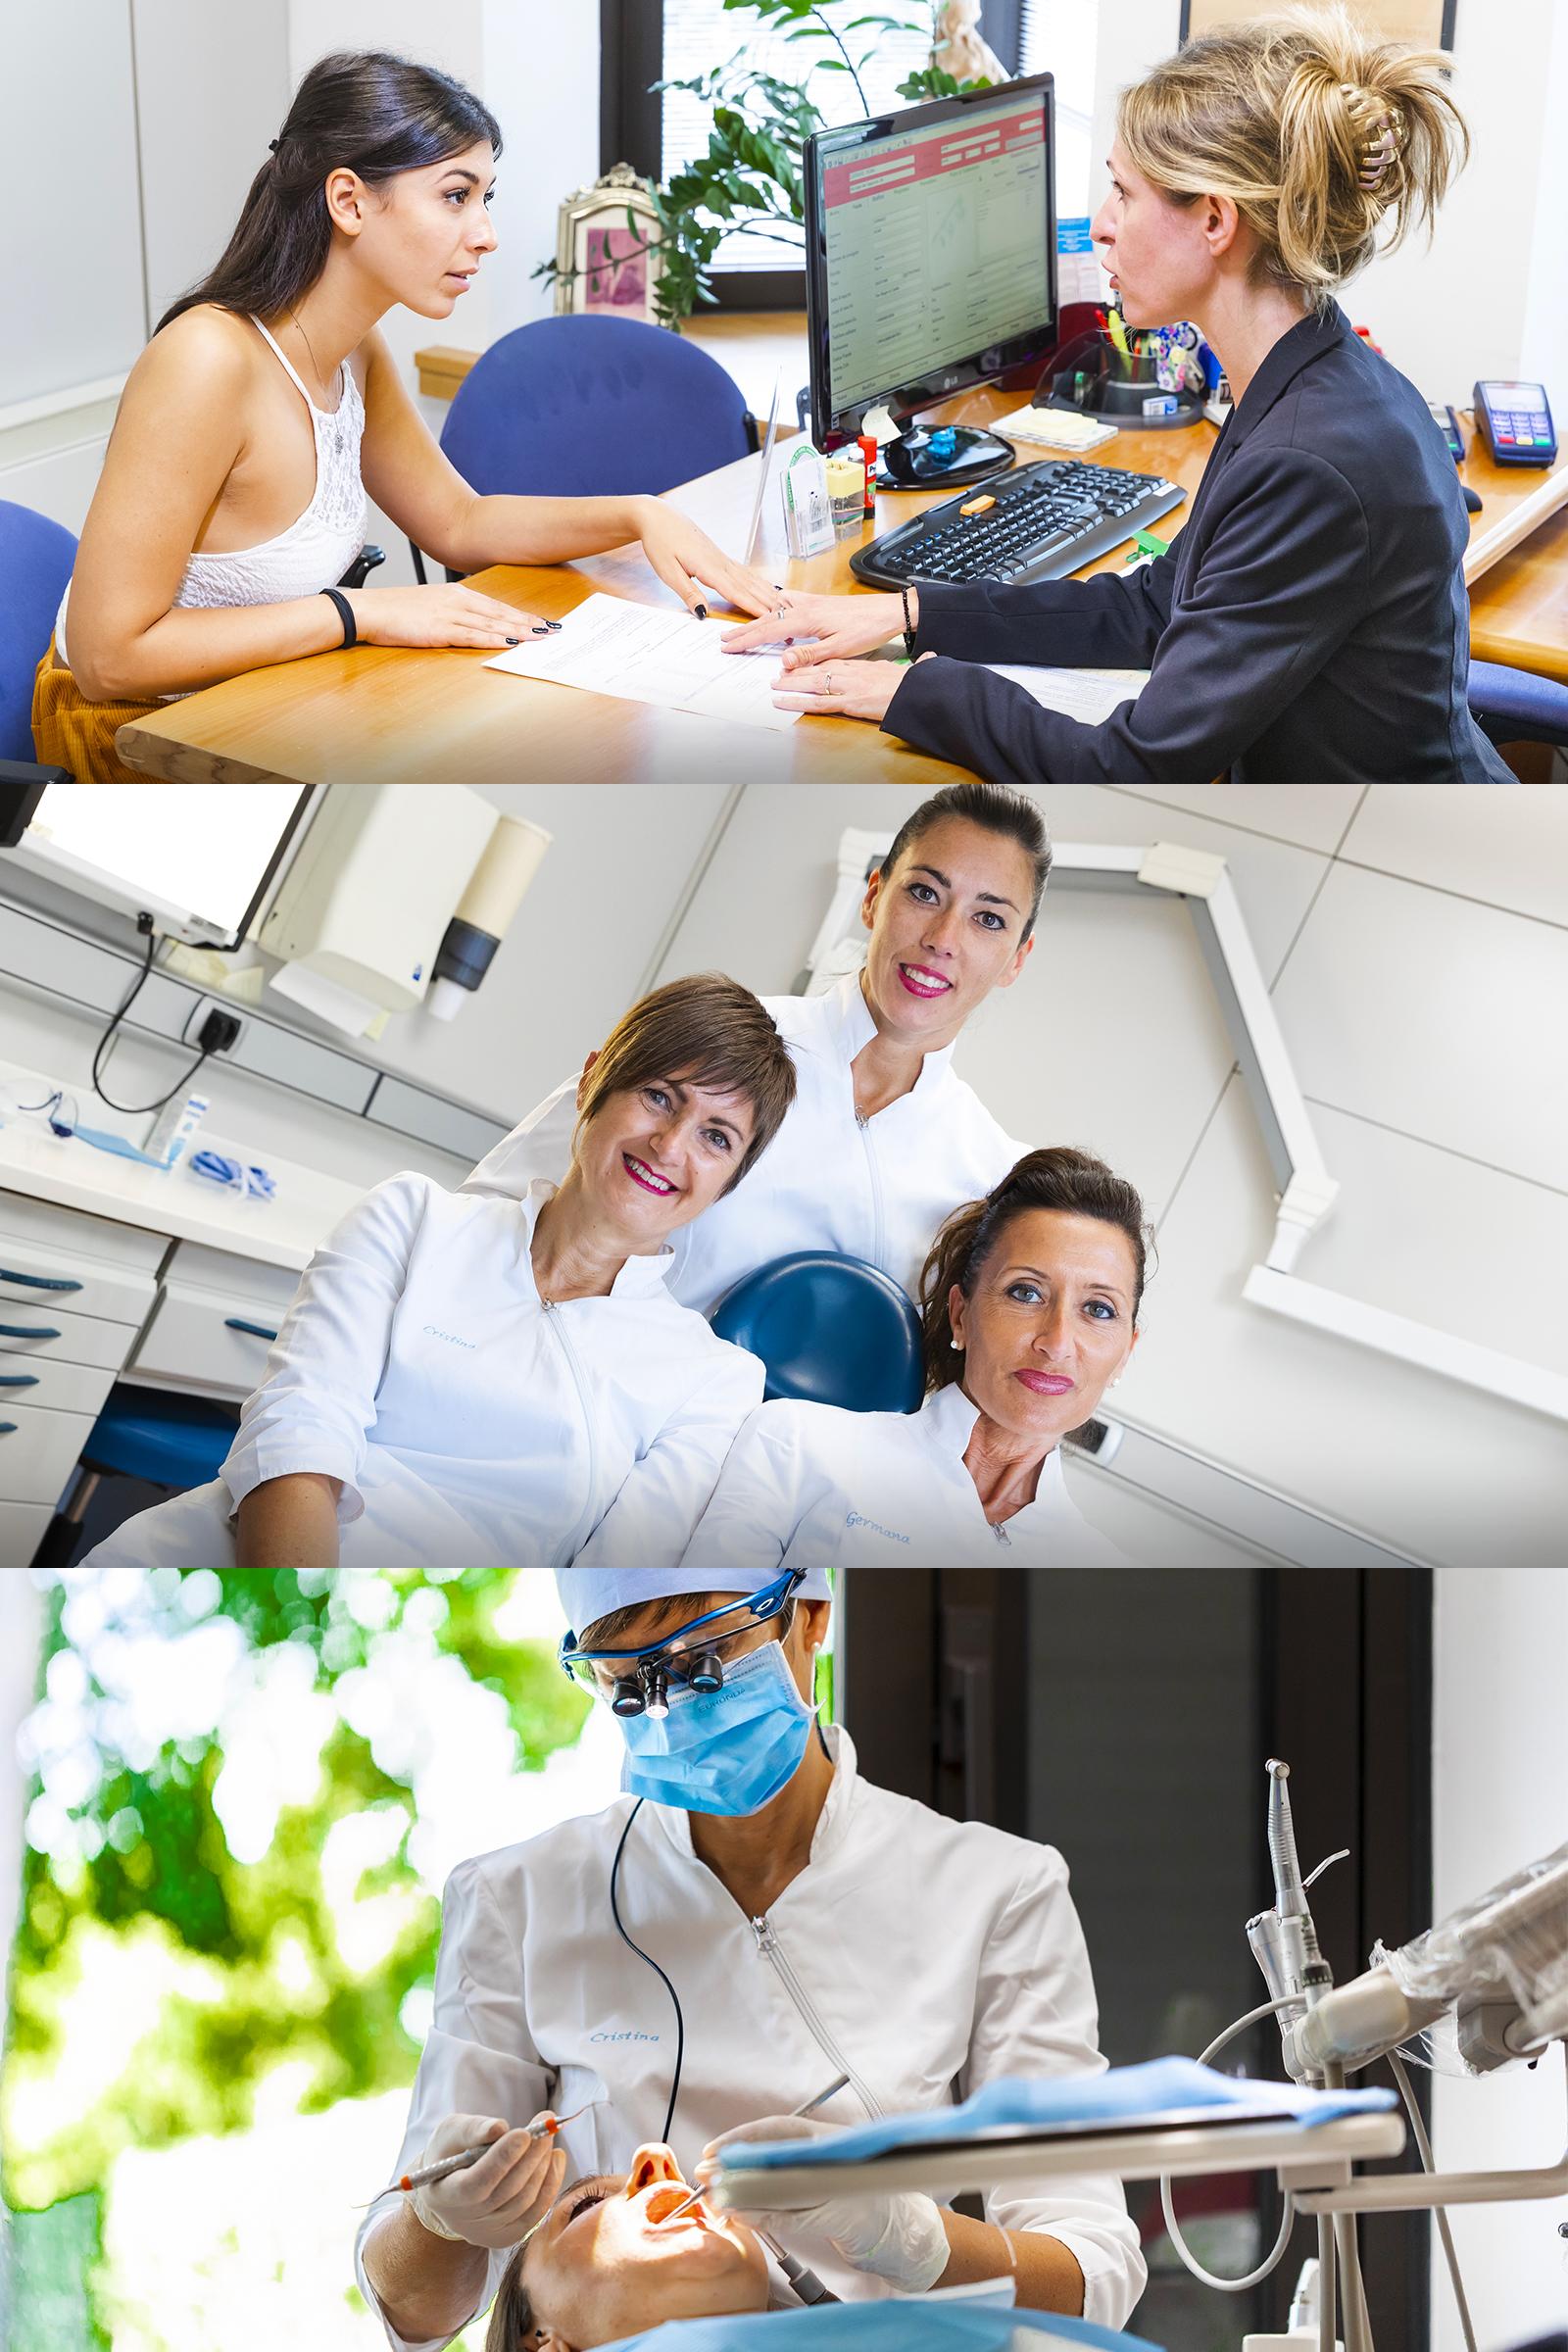 L'igienista dentale preparerà il cavo orale per le successive cure